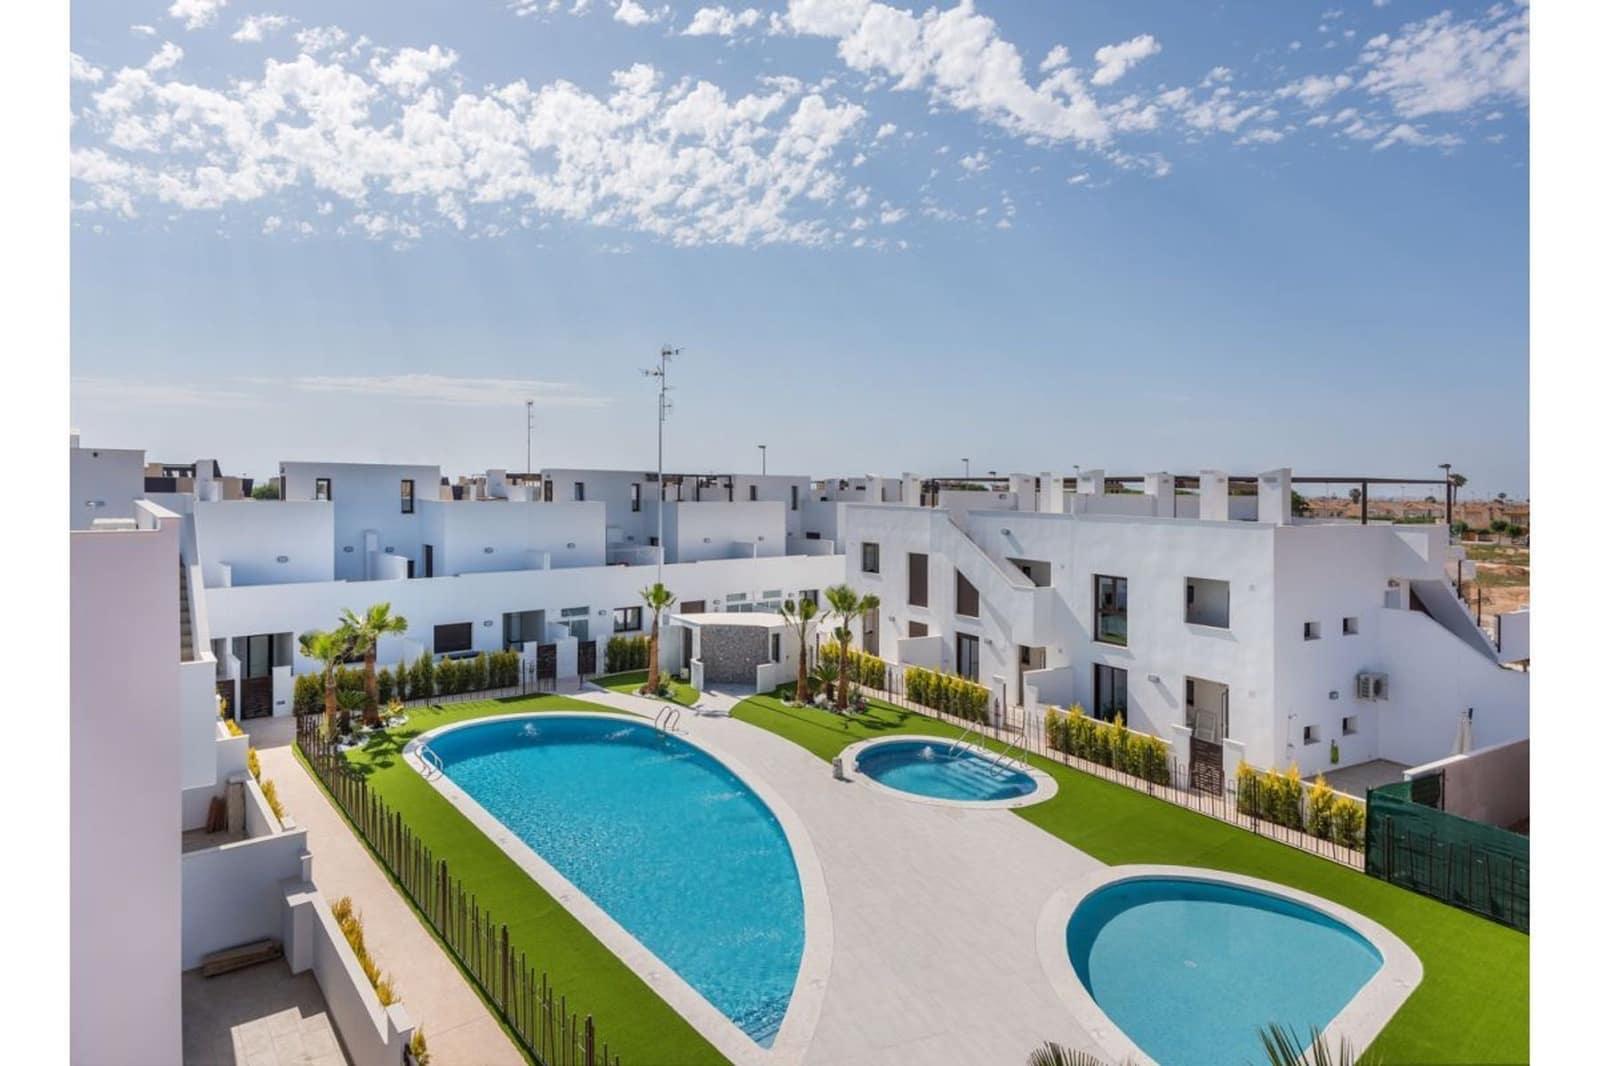 Apartamento de 2 habitaciones en Pilar de la Horadada en venta con piscina - 189.900 € (Ref: 5014980)